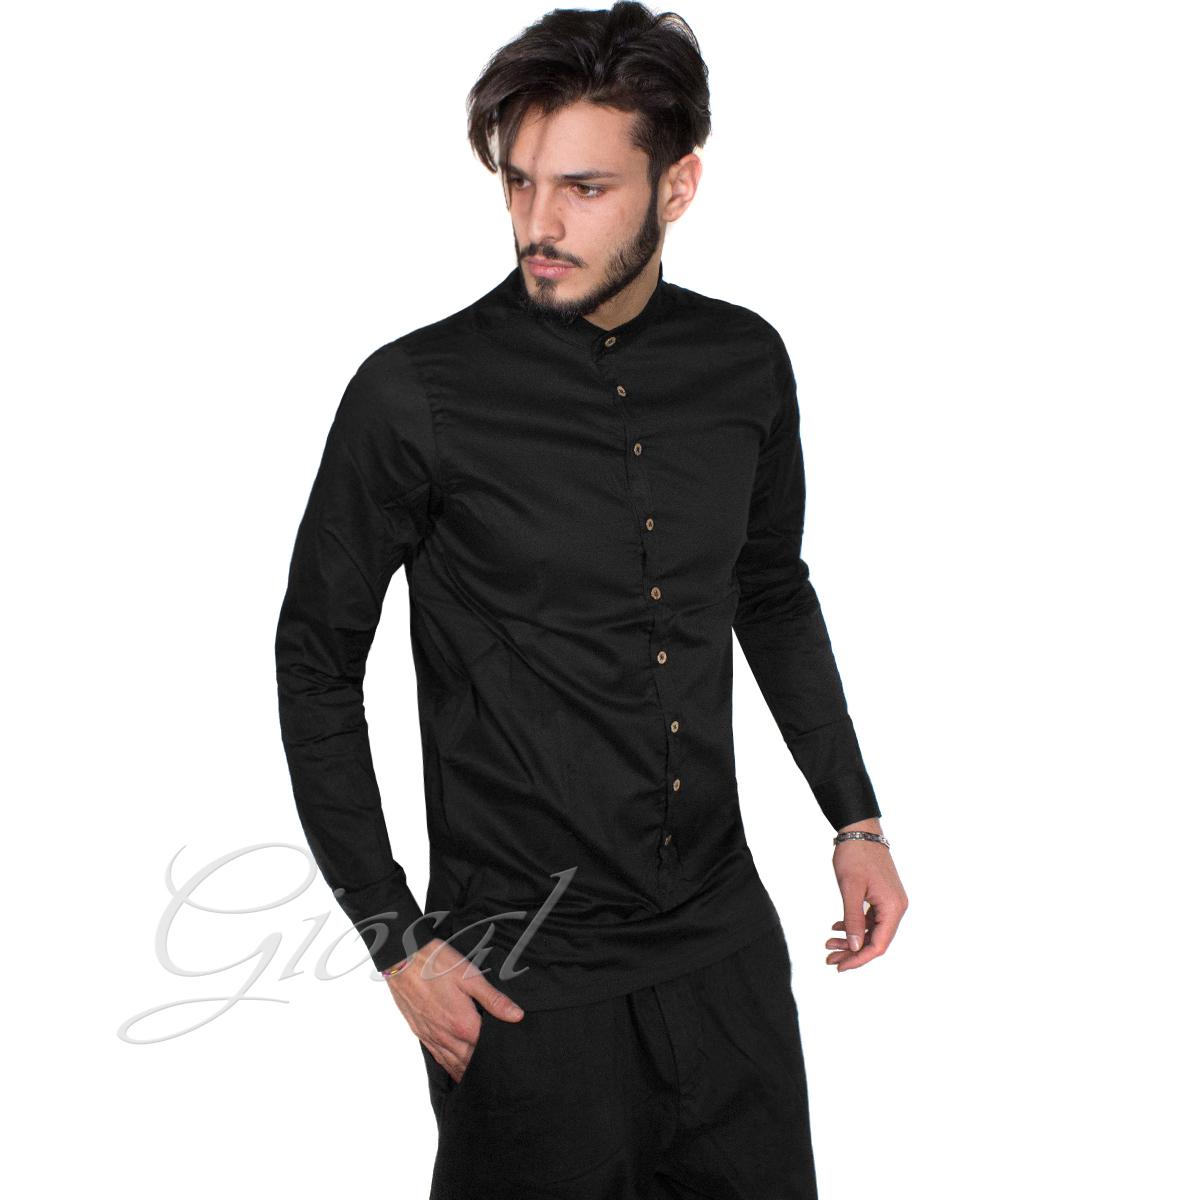 Camicia-Uomo-Over-D-Bottoni-Collo-Coreano-Tinta-Unita-Vari-Colori-Casual-GIOSAL miniatura 6